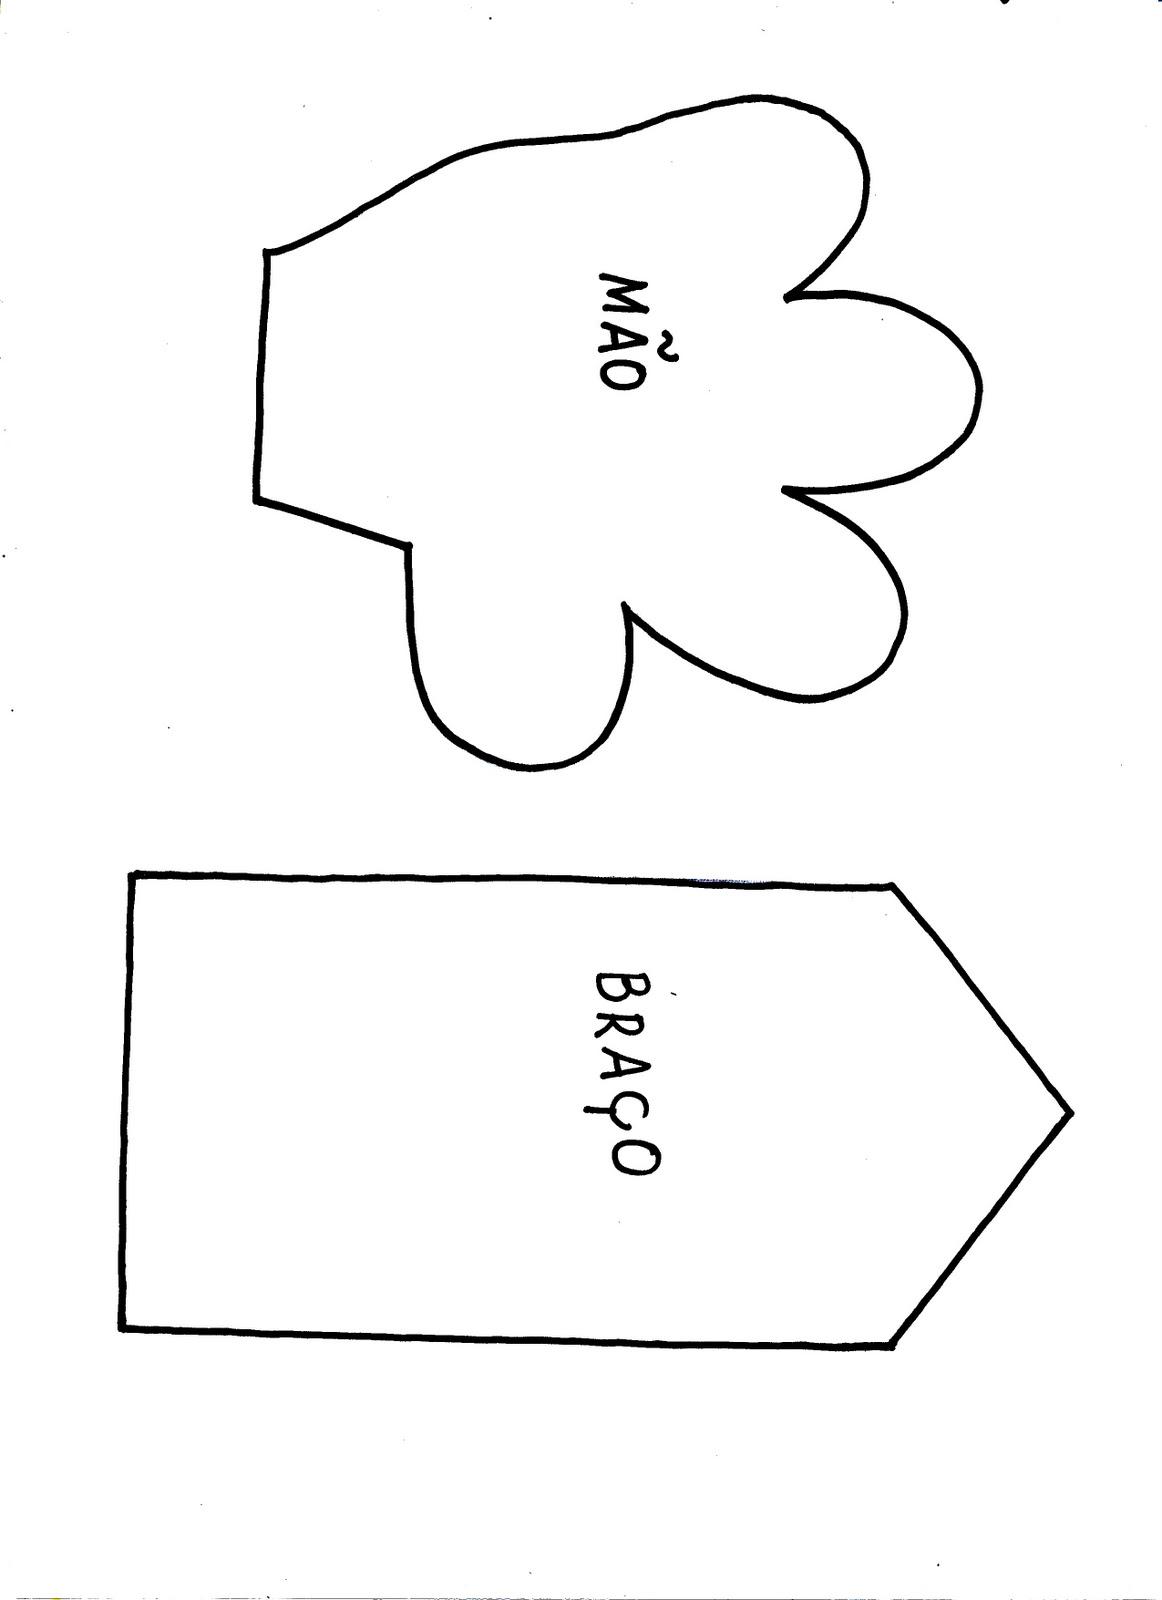 Eu Amo Artesanato Fantoche Bem Facil De Fazer Passo A Passo Com Molde